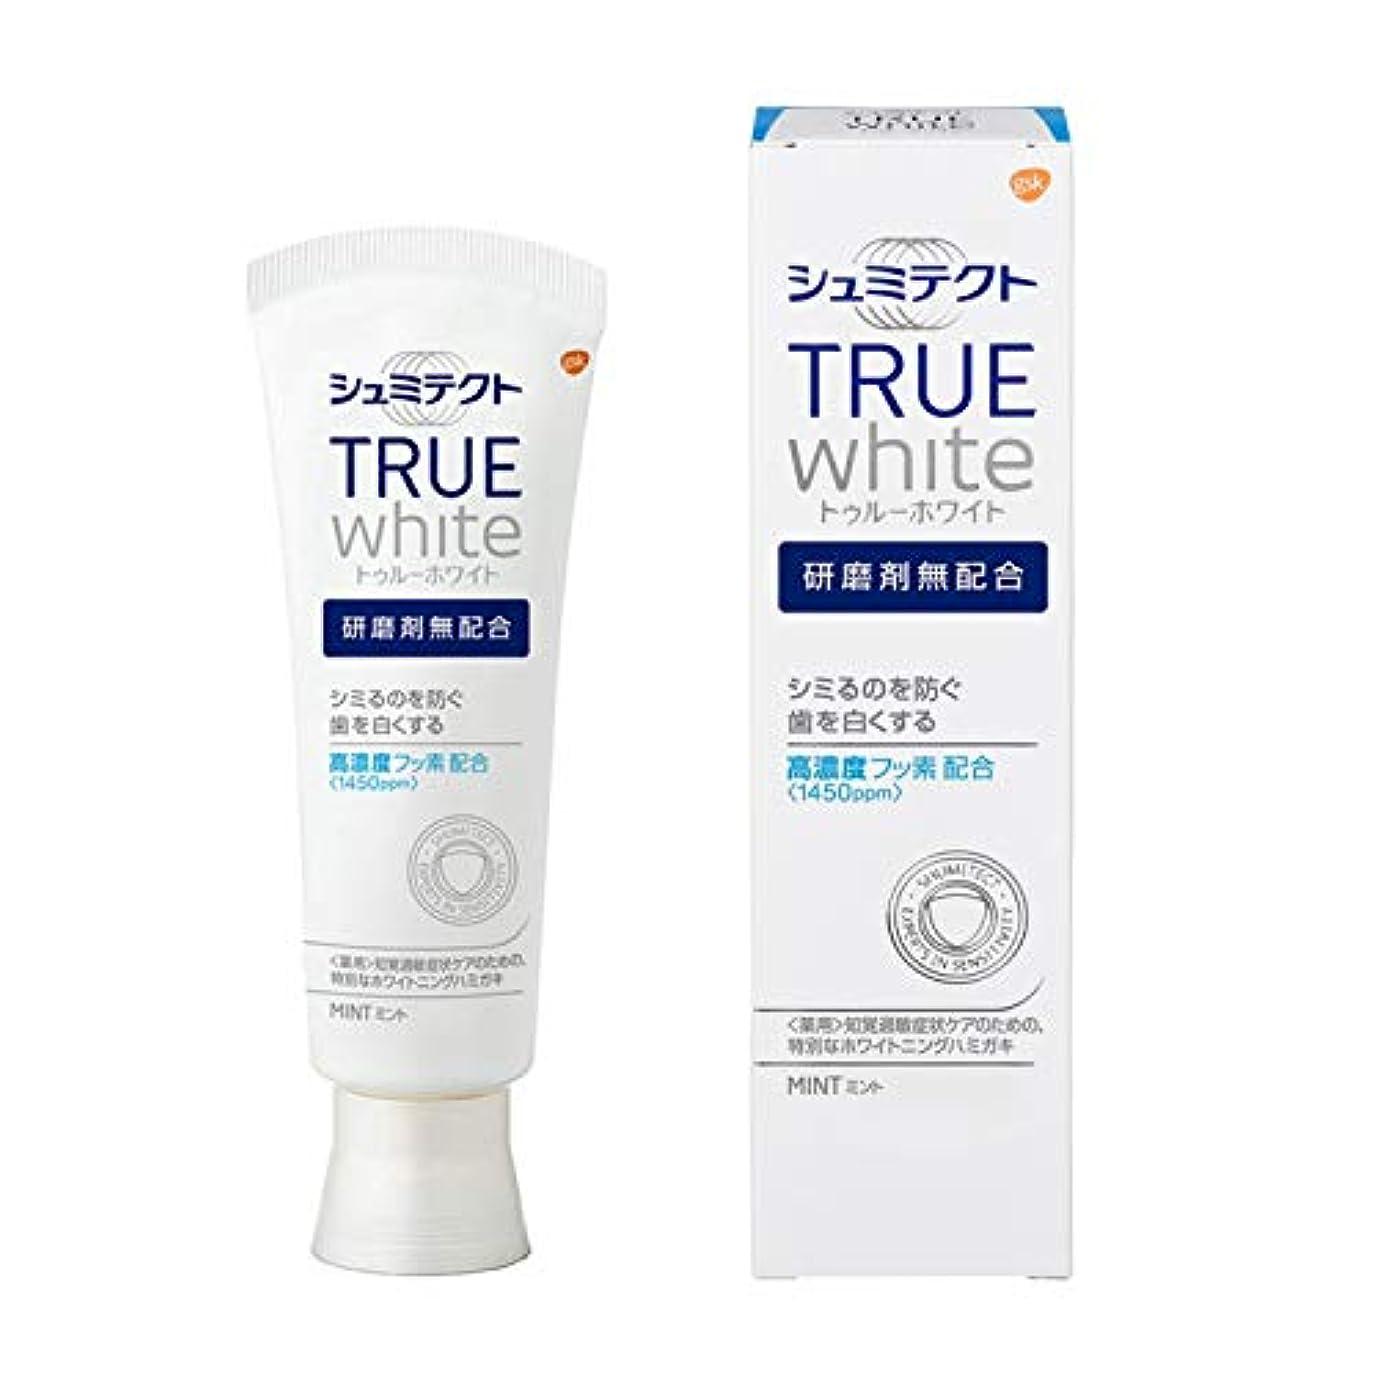 実験的追い出すクラウド[医薬部外品]薬用シュミテクト トゥルーホワイト 研磨剤無配合 知覚過敏予防  歯磨き粉 単品 80g